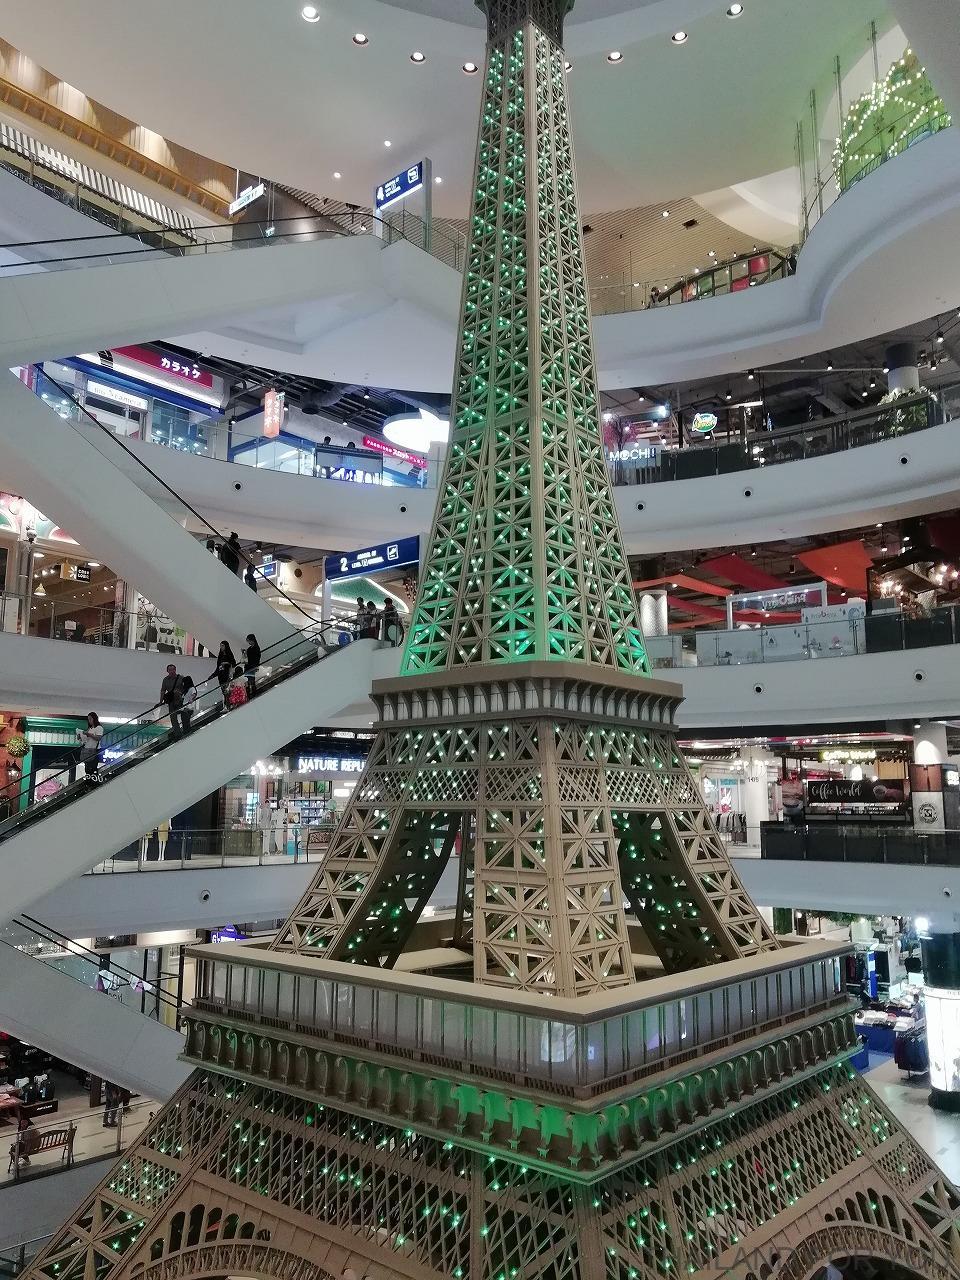 ターミナル21 コラート エッフェル塔 パリ 写真 画像